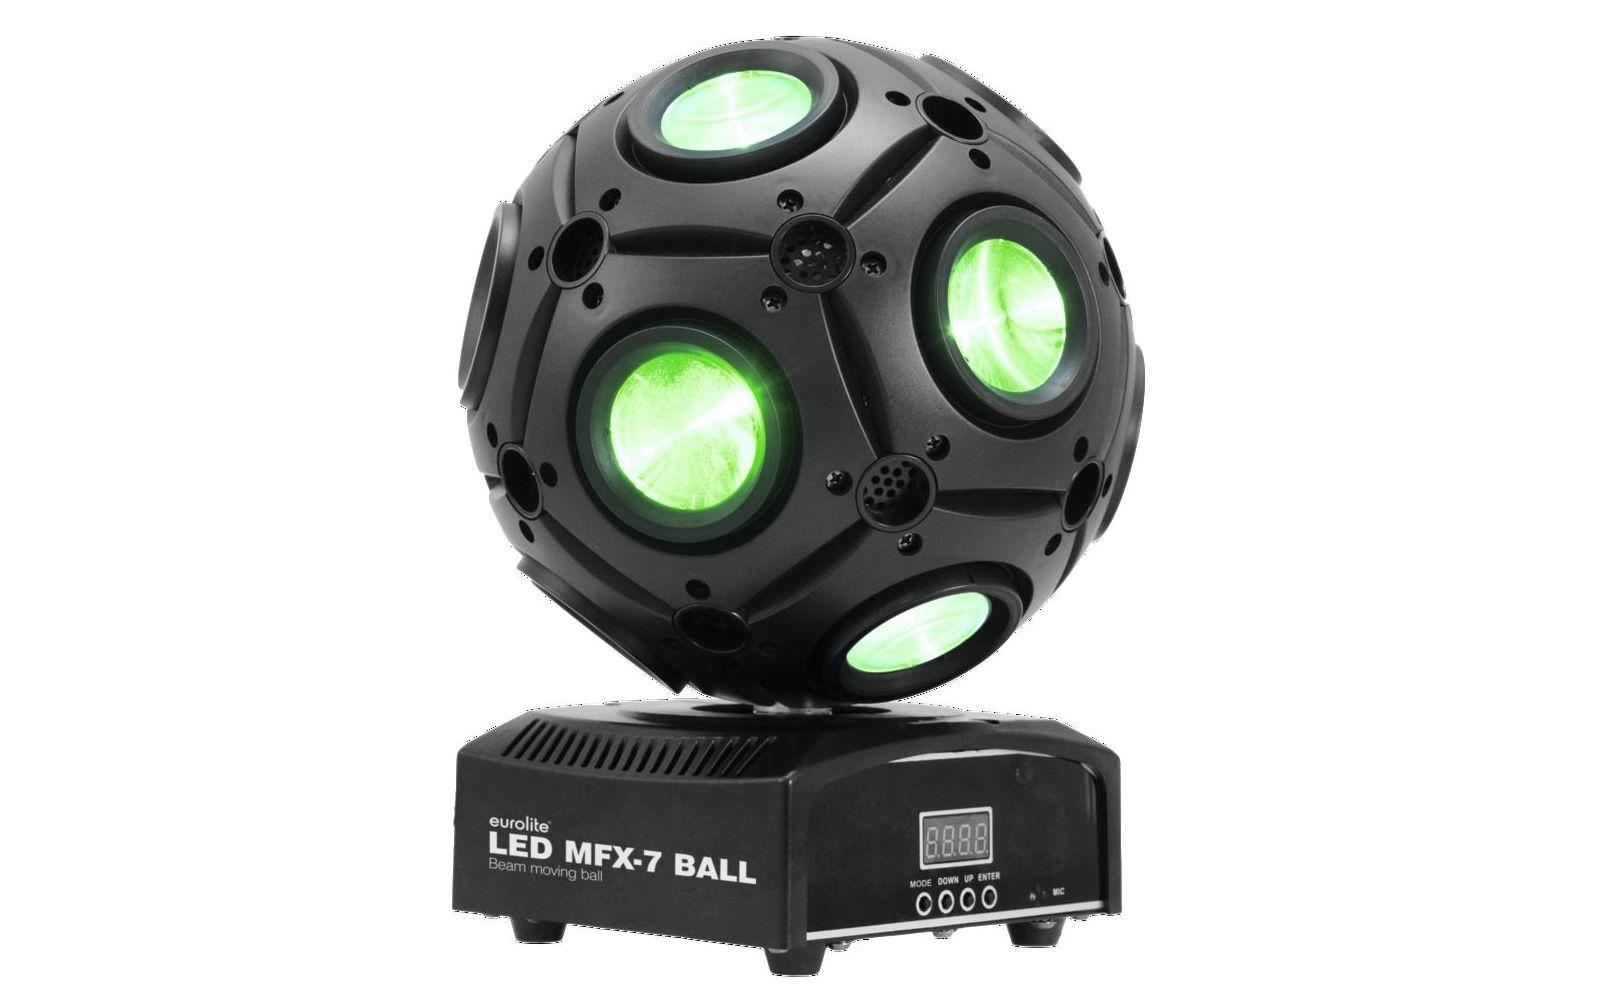 eurolite-led-mfx-7-ball